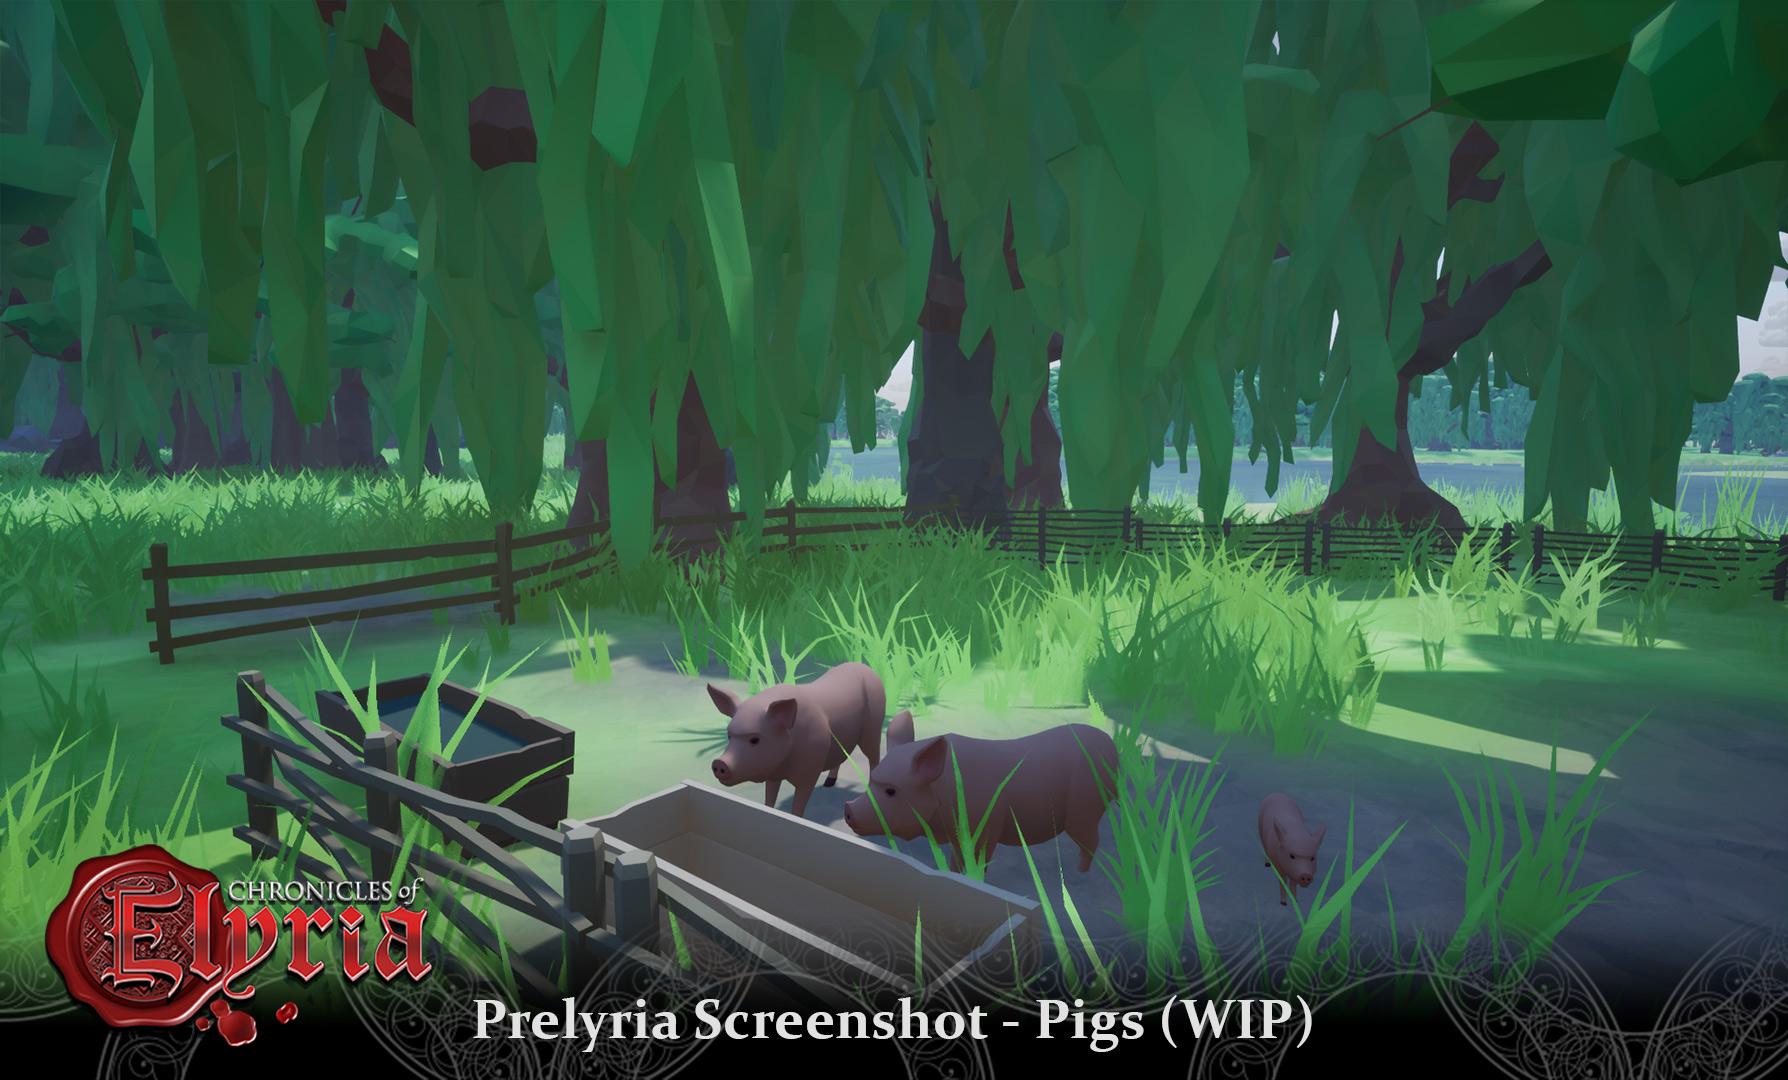 chronicles-of-elyria-pigs-wip-01.jpg